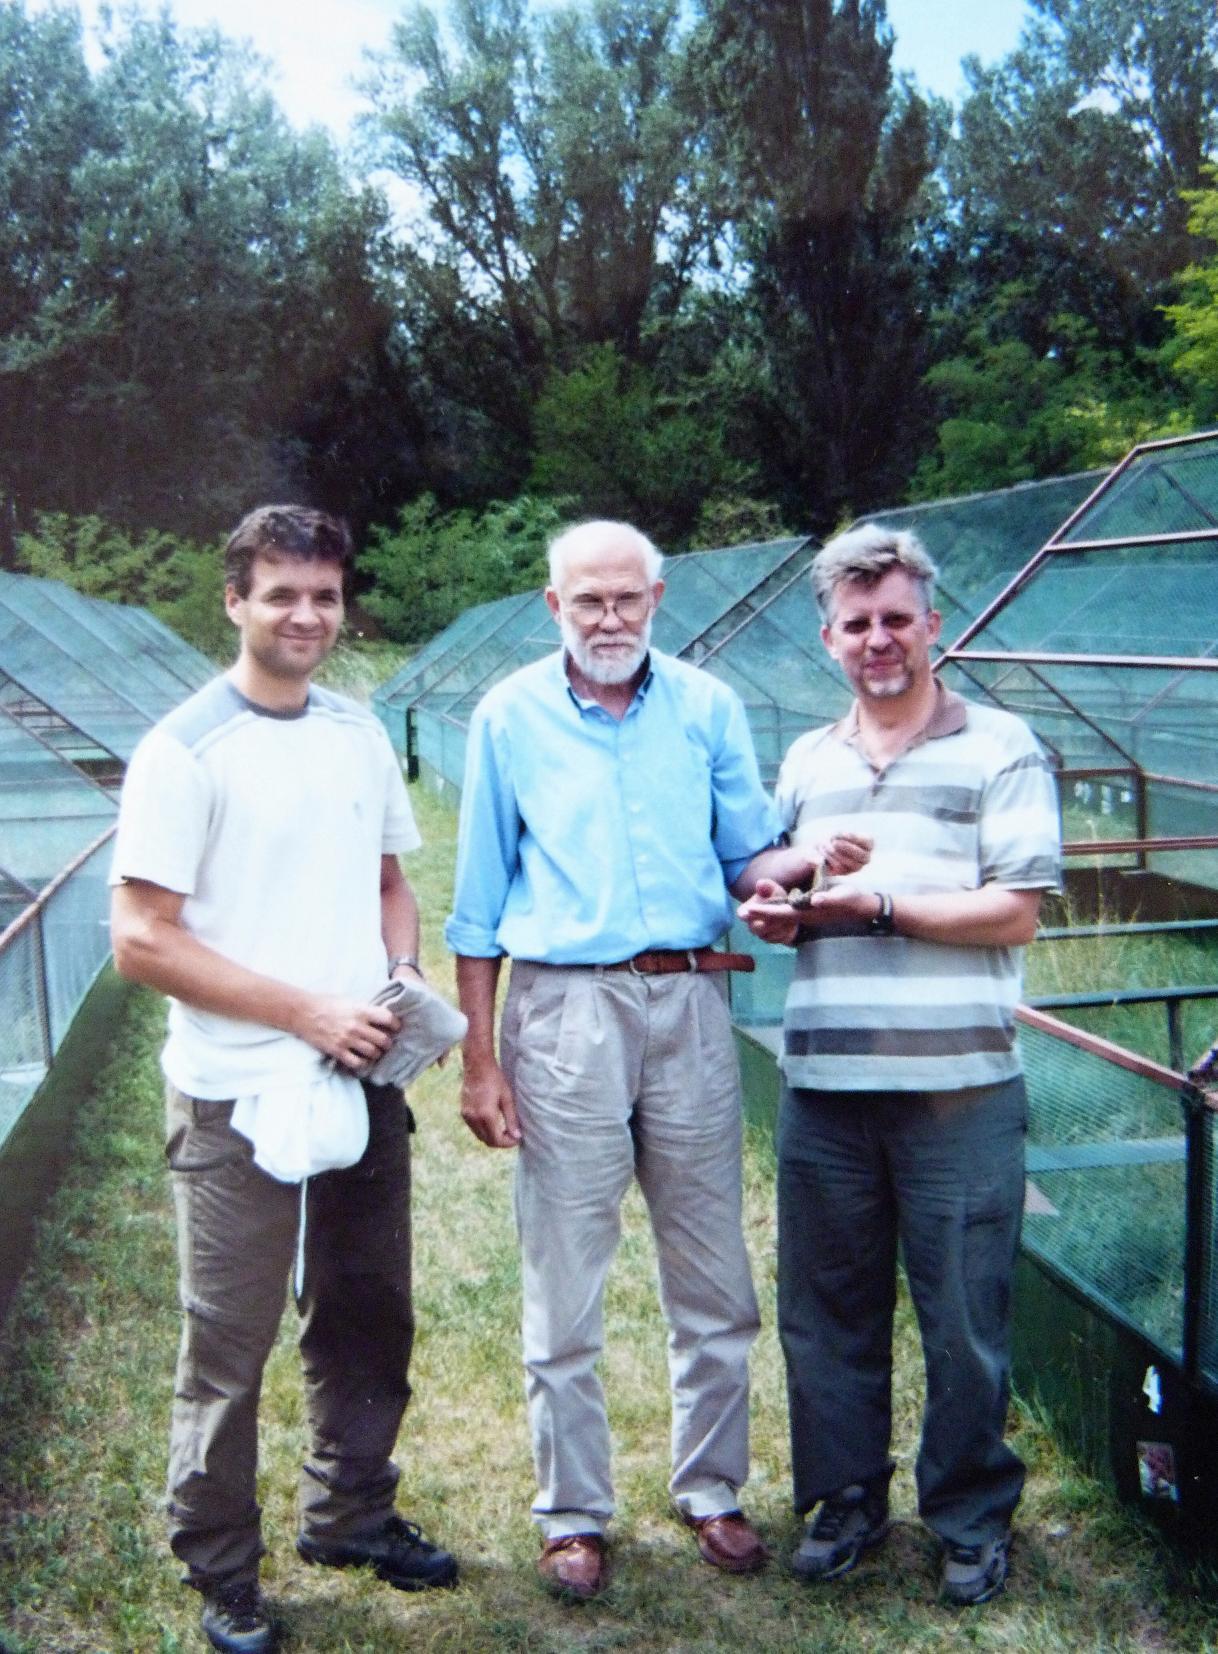 Zľava Bálint Halpern, Tamás Péchy, Zoltán Korsós, moji sprievodcovia.